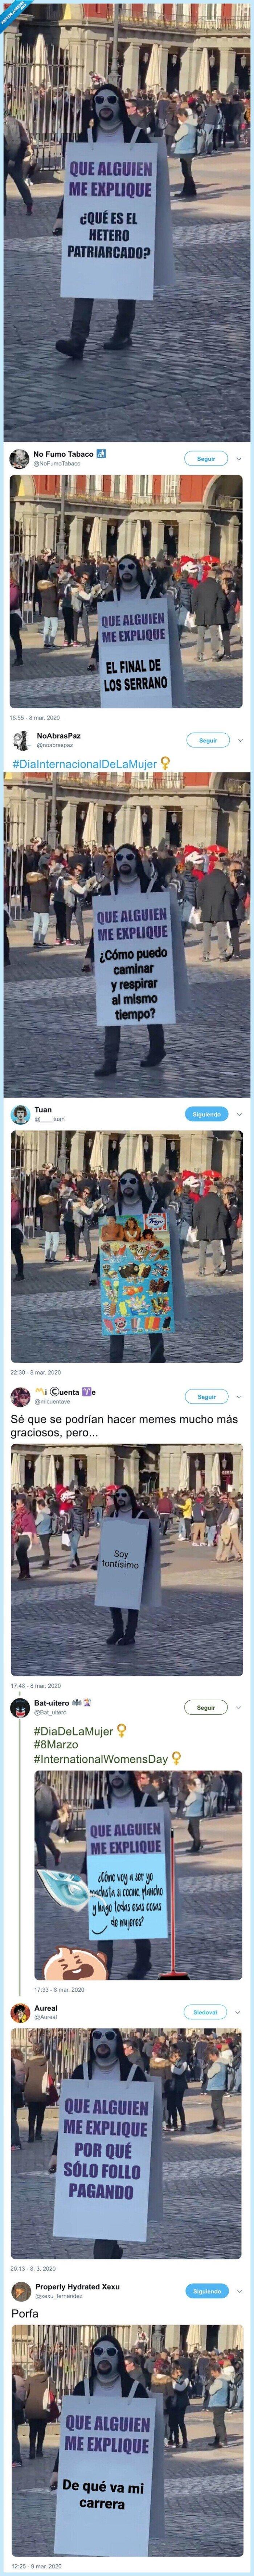 hetero blanco,machista,manifestación